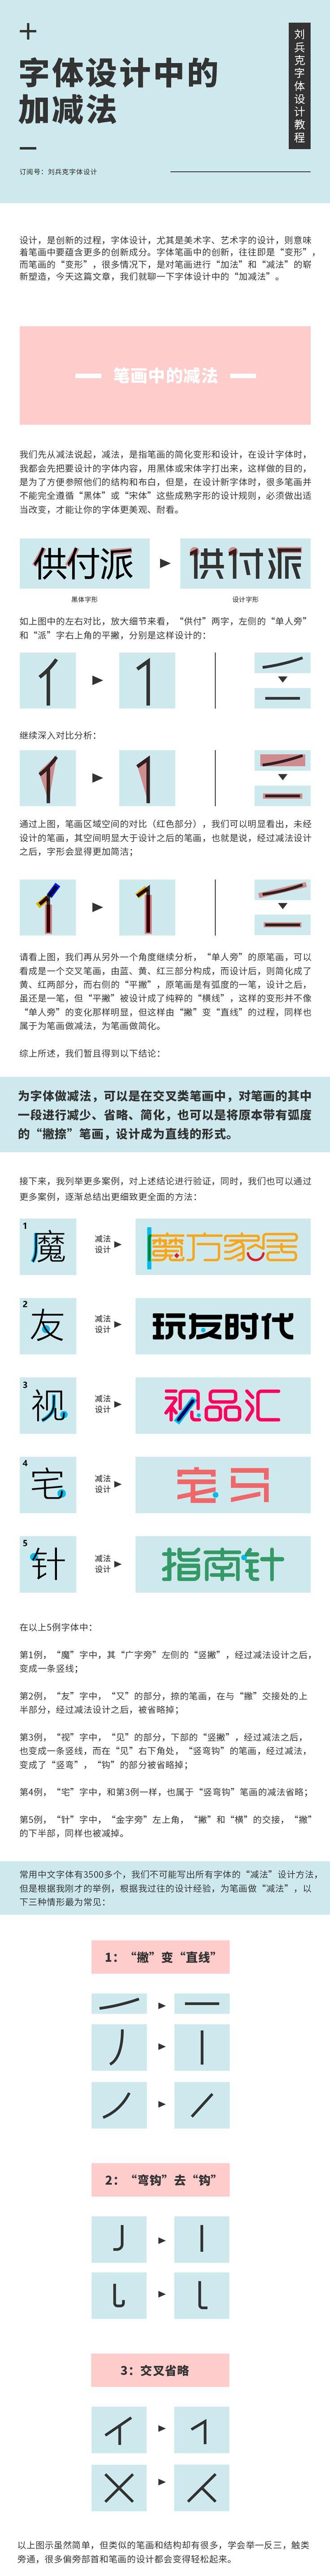 字体设计中的加减法|平面|教程|刘兵克 - 原创文章 - 站酷 (ZCOOL)